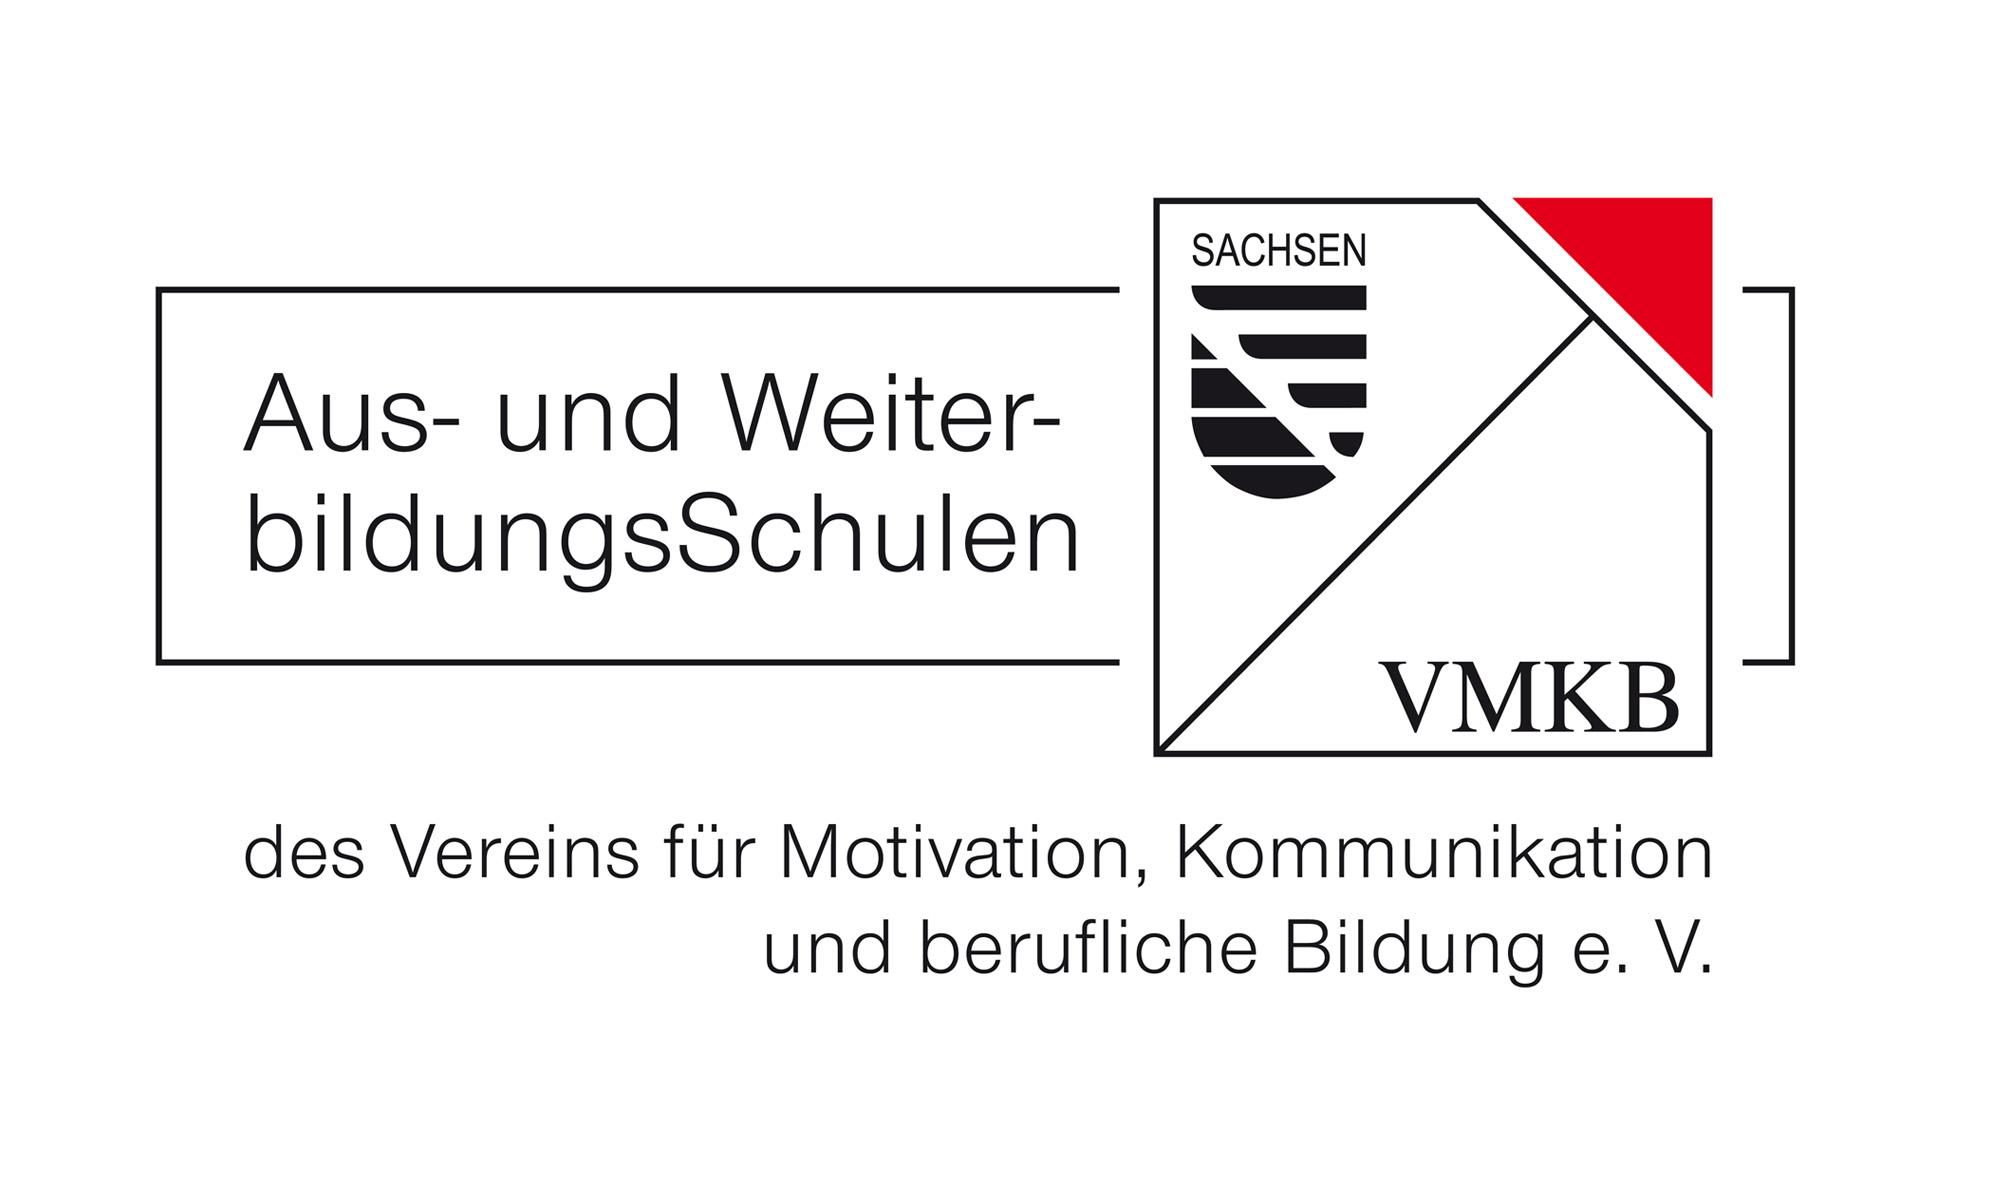 Verein für Motivation, Kommunikation Leipzig